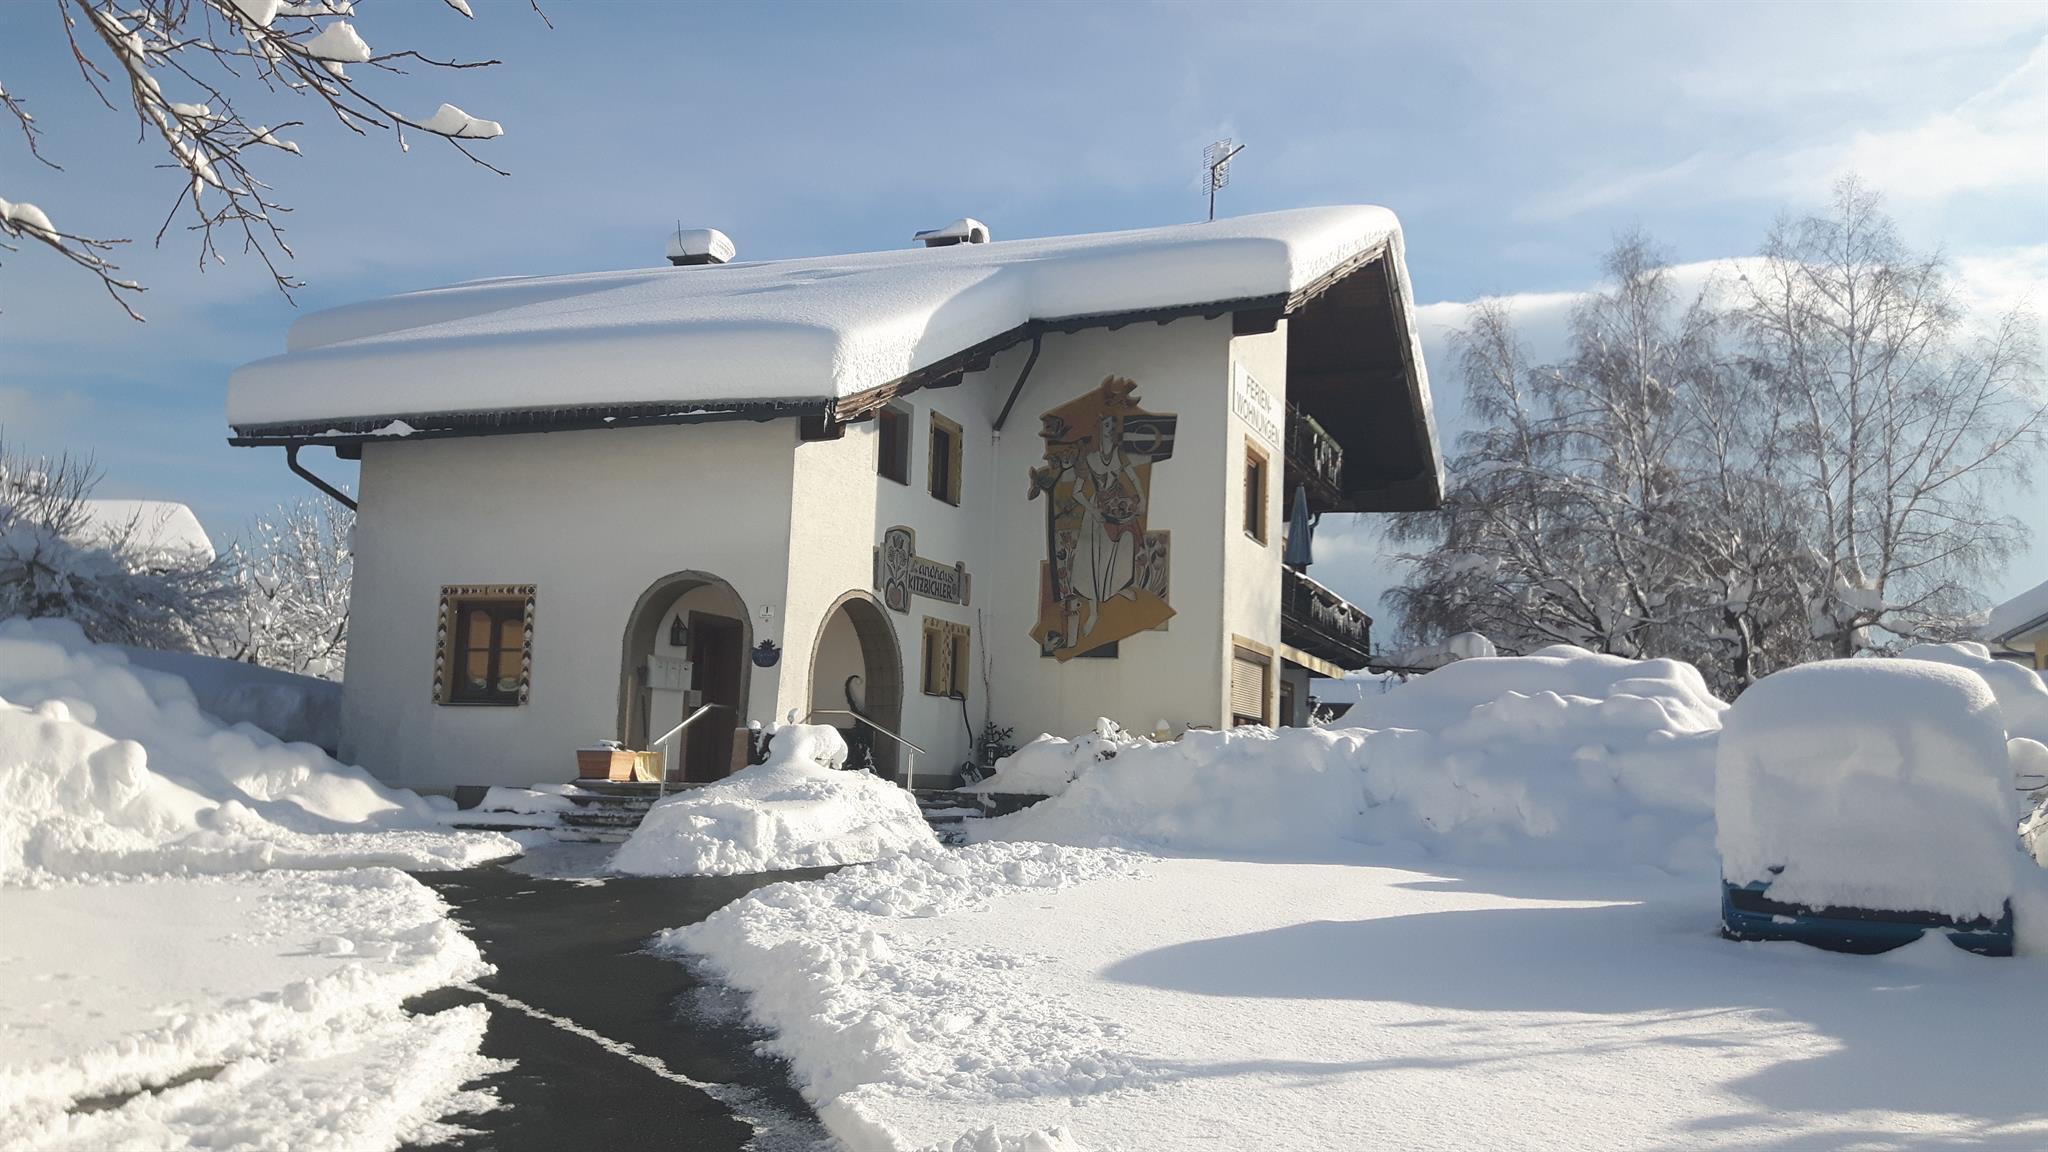 Ferienwohnung Landhaus Kitzbichler Ferienwohnung 5 (550524), Niederndorf, Kufstein, Tirol, Österreich, Bild 2